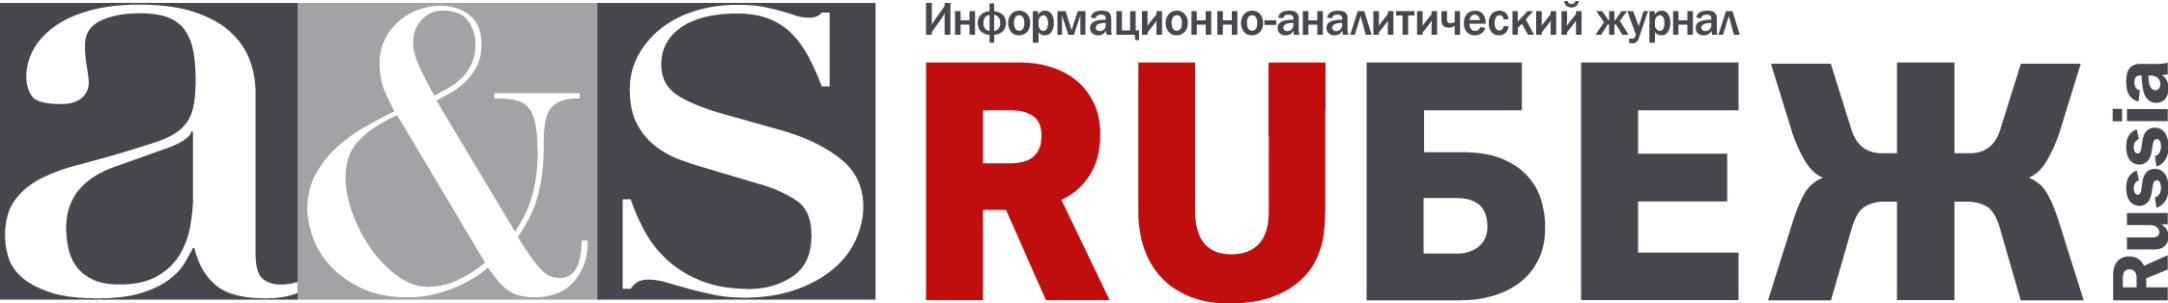 Лого журнал.png